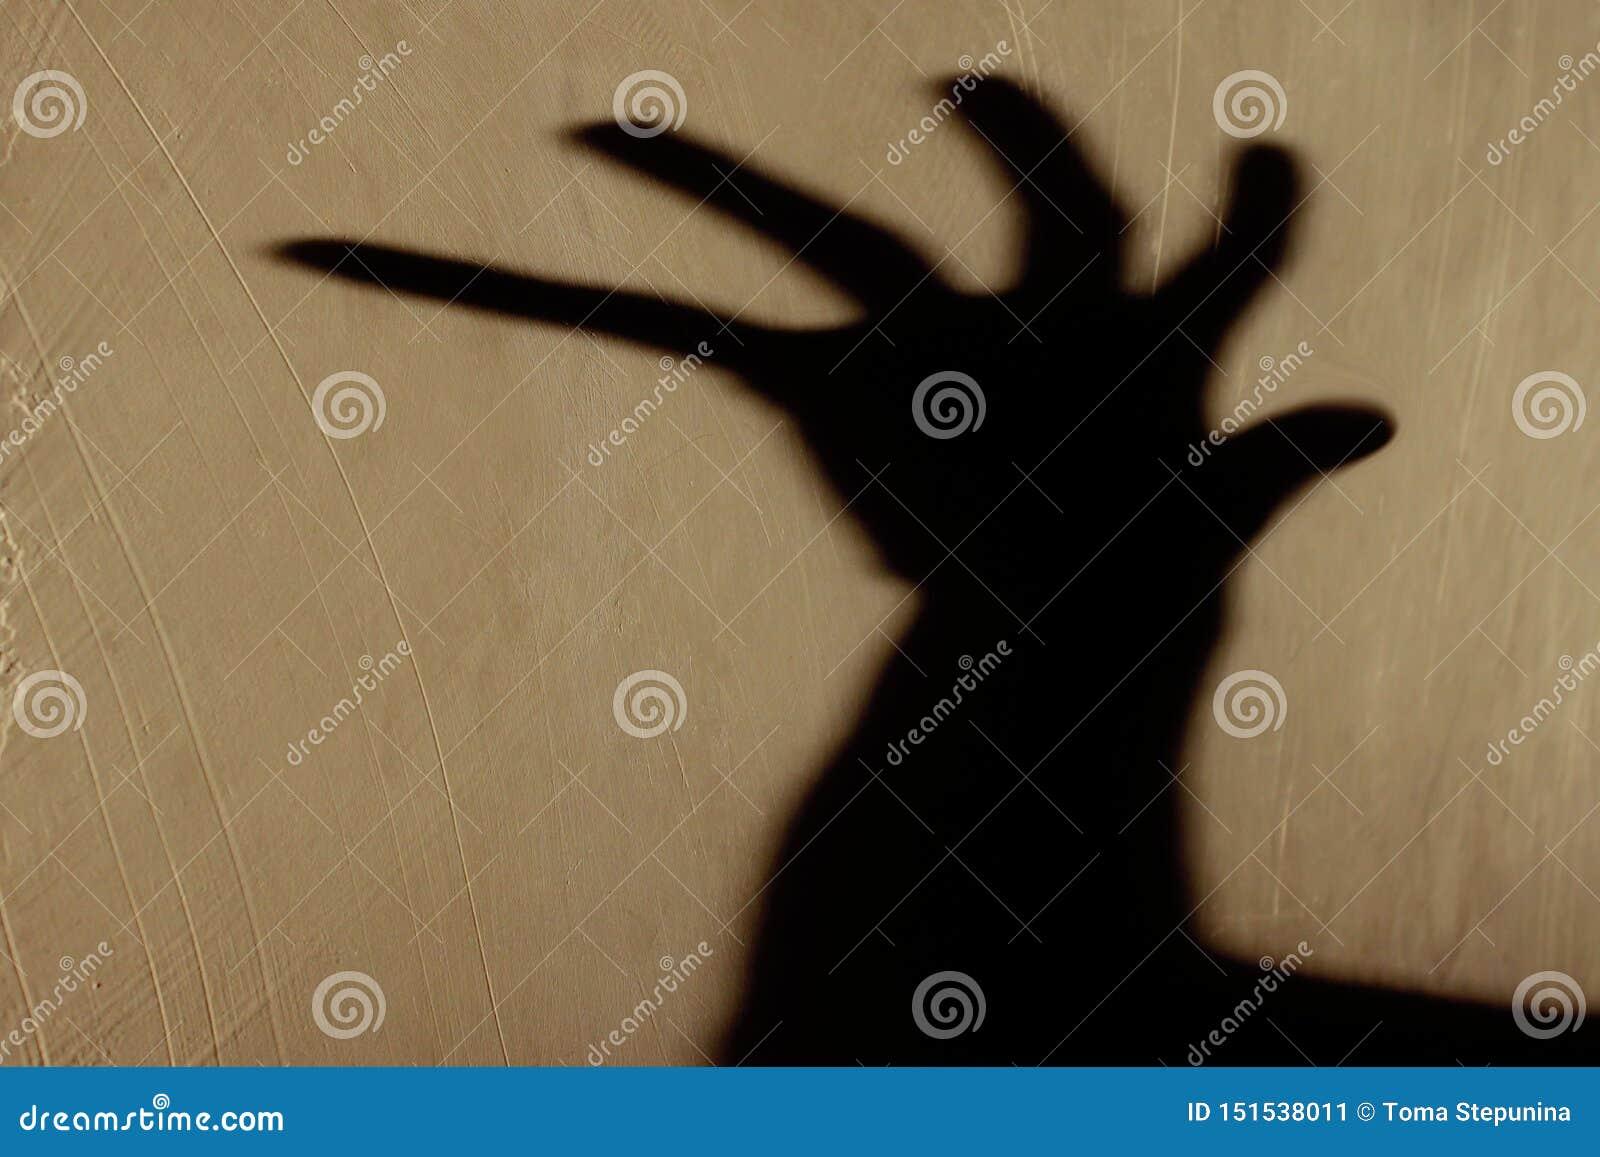 Vreemde Schaduw op de Muur Vreselijke Schaduw abstracte achtergrond Zwarte Schaduw van een Grote Hand op de Muur Silhouet van een